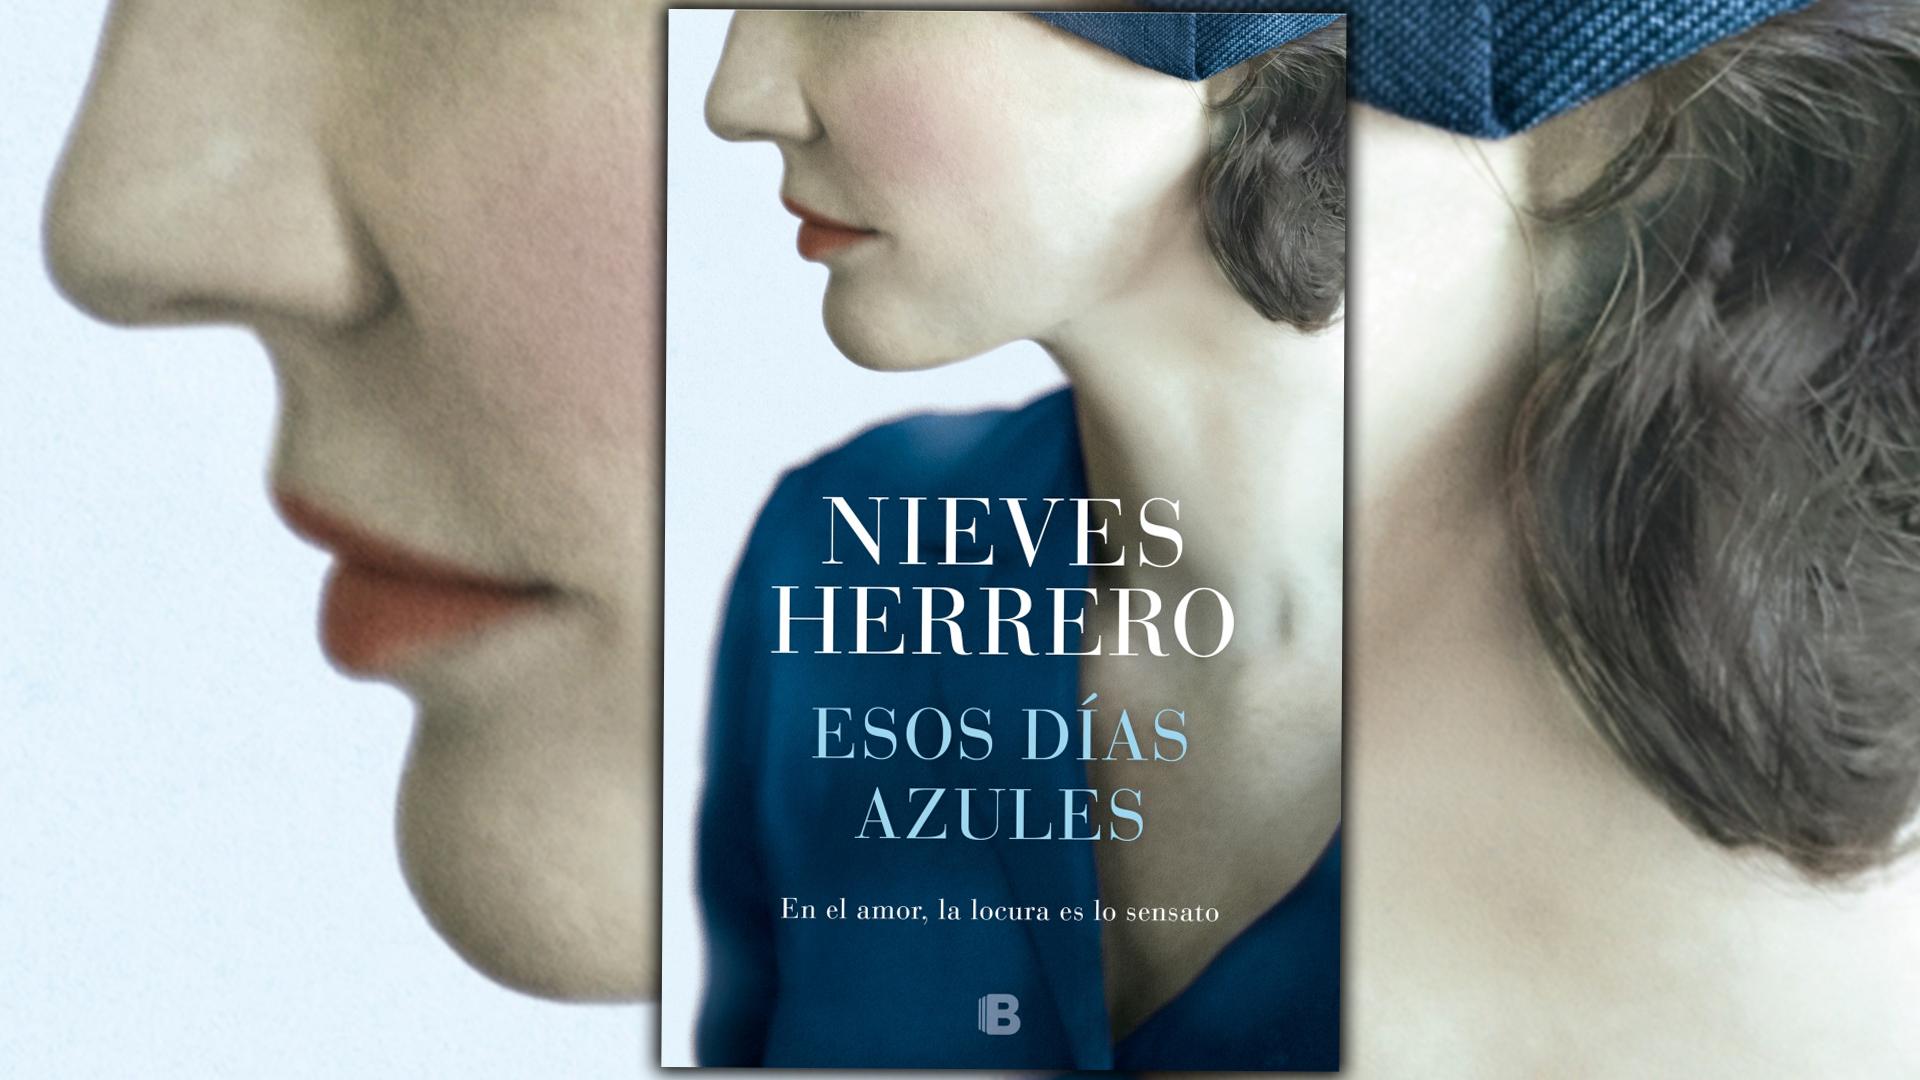 nieves herrero - Esos d  as azules Nieves Herrero - Falta de rigor histórico en ESOS DÍAS AZULES de Nieves Herrero